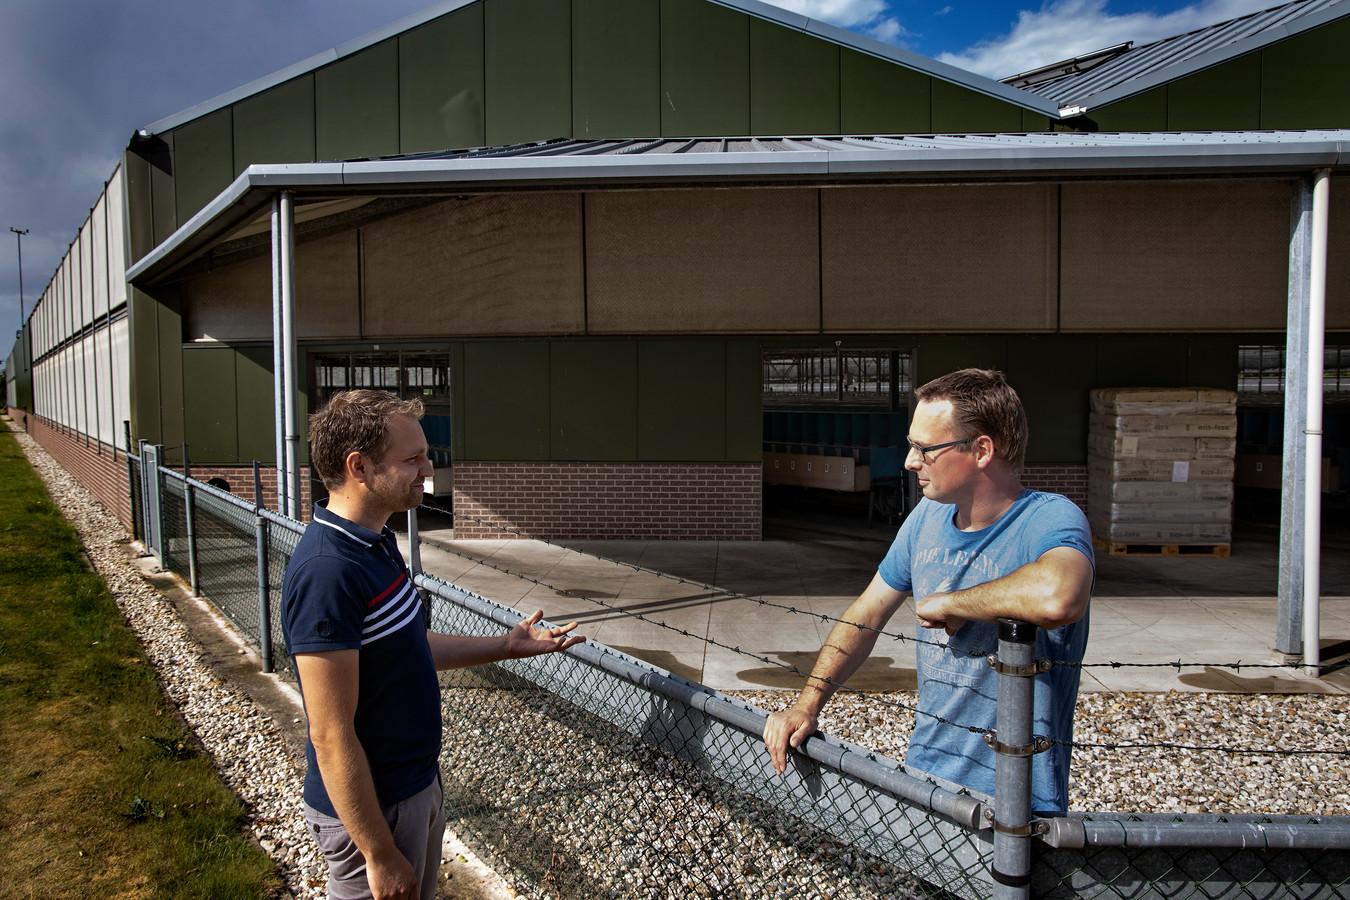 Nertsenhouder Martijn van den Boogaard in gesprek met dierenarts Kevin Willems op zijn nertsenfarm, waar een corona besmetting is geconstateerd